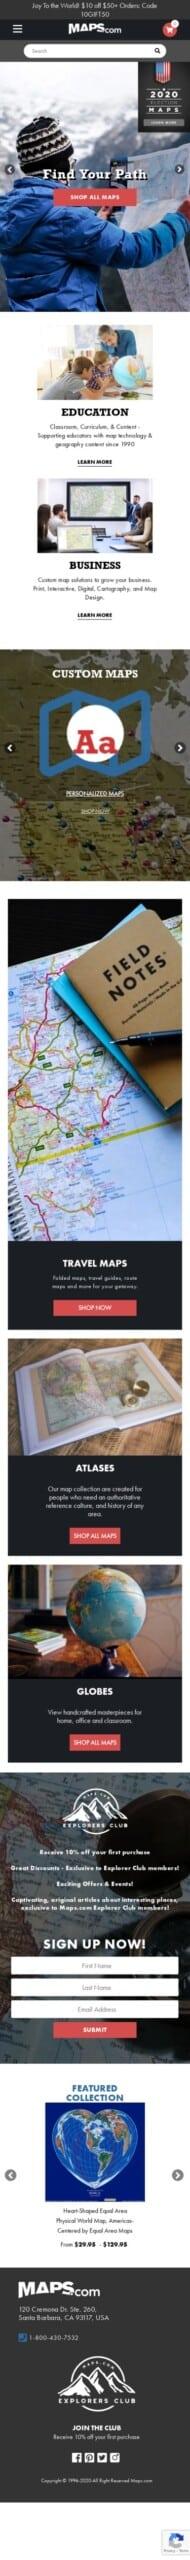 MAPS.com Shop Coupon